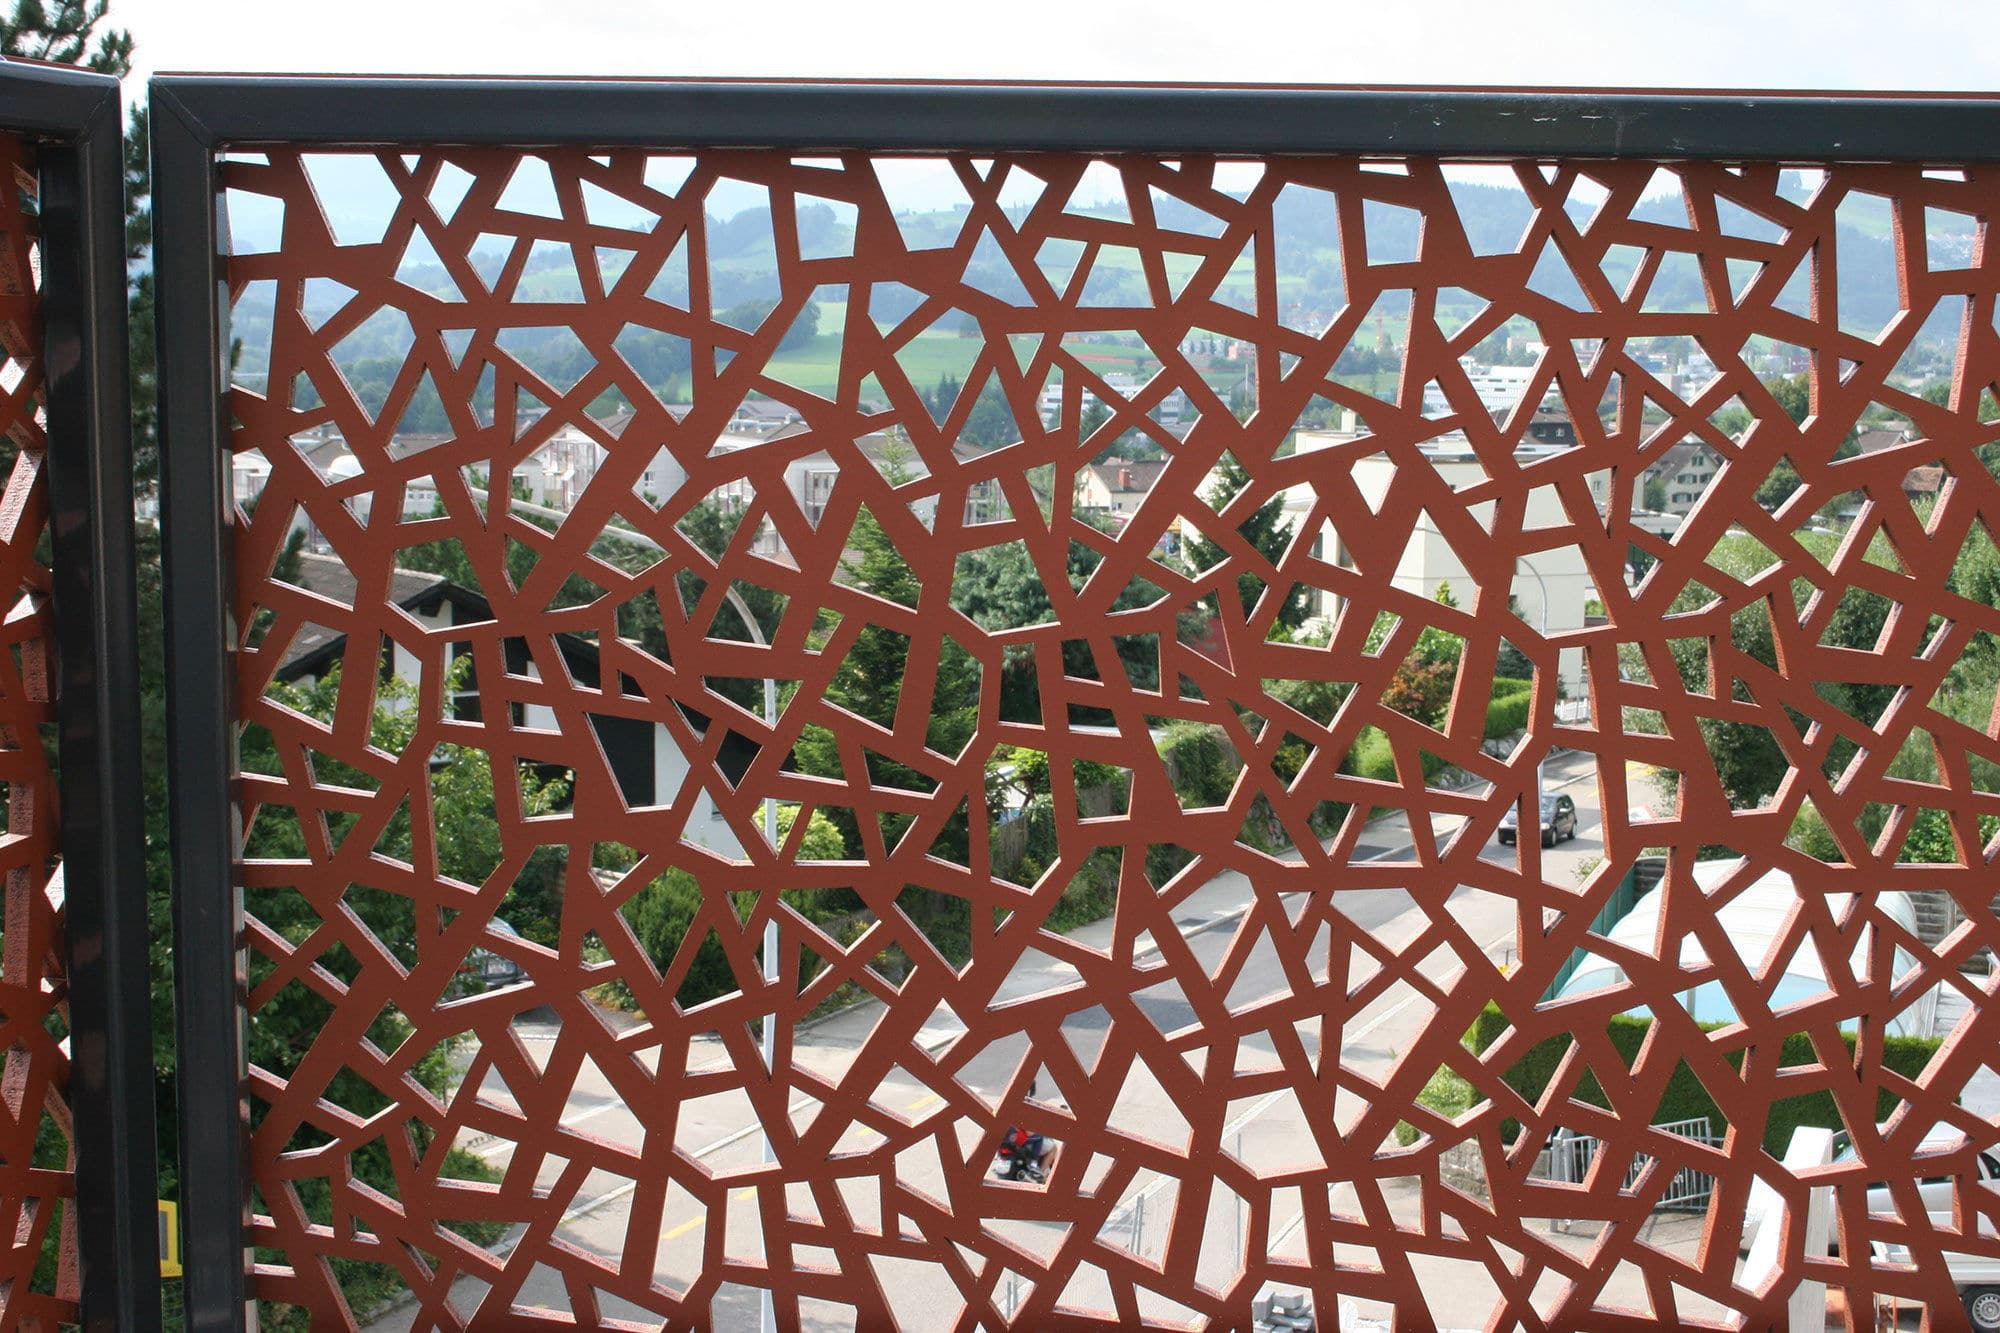 Balconi Esterni In Legno : Ringhiera in hpl a pannelli da esterno per balcone minergie